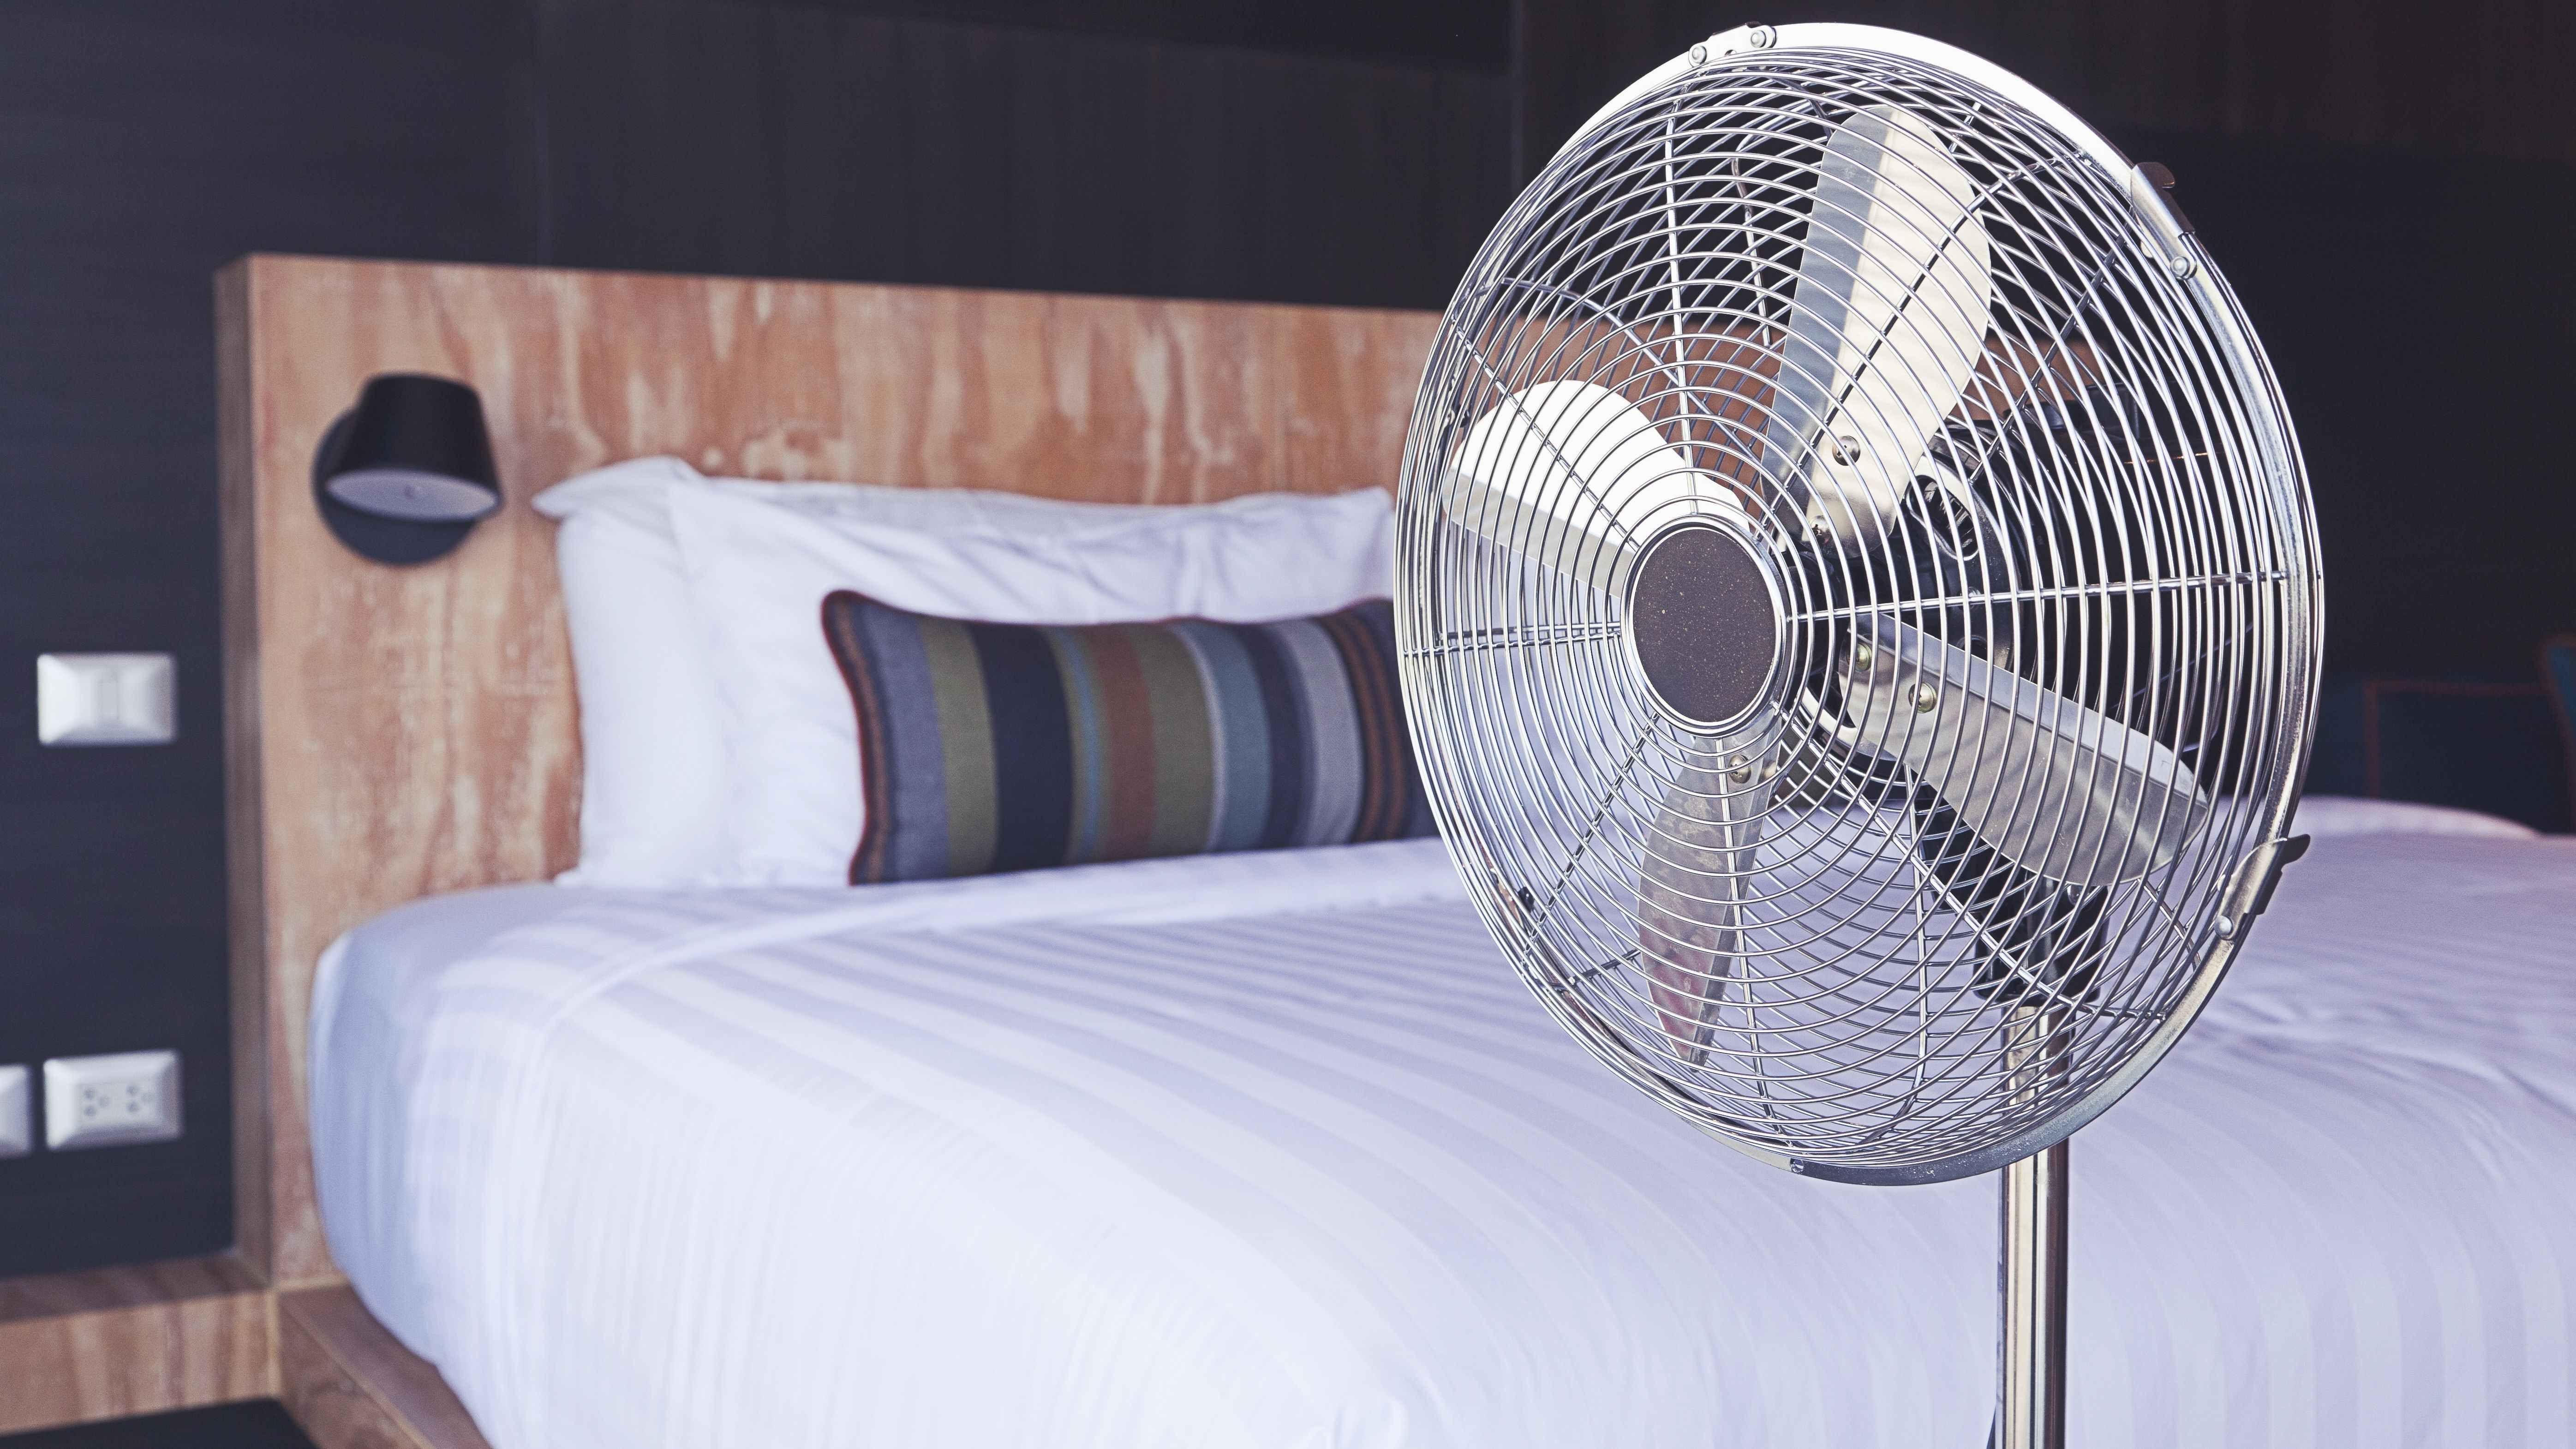 Ventilador o columna de ventilación: cuál de las dos opciones elegir para refrescarse